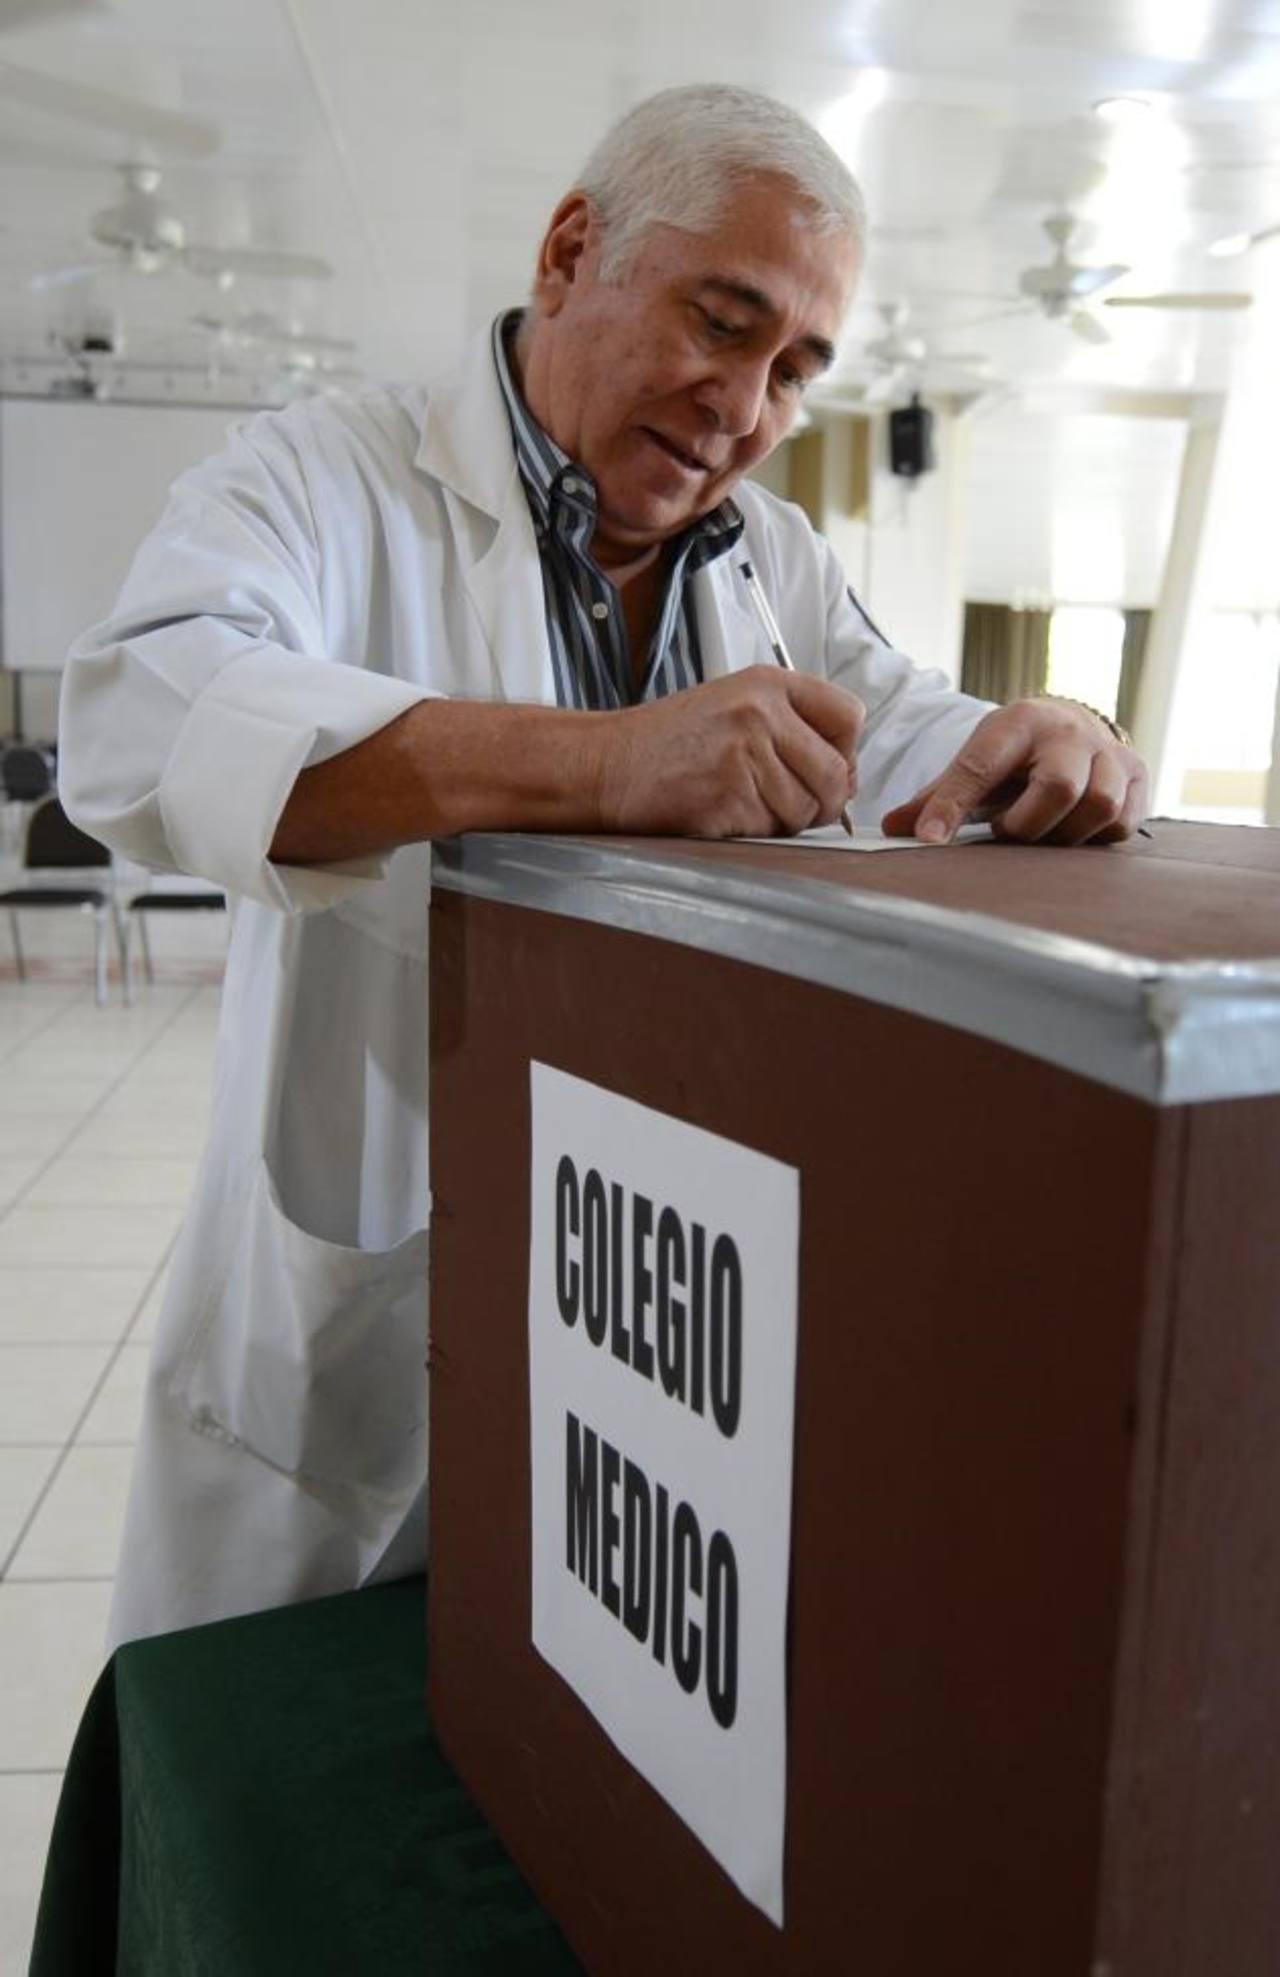 El neonatólogo, Miguel Majano emite su voto, el jueves fue electo presidente del Colegio Médico. Foto EDH /archivo